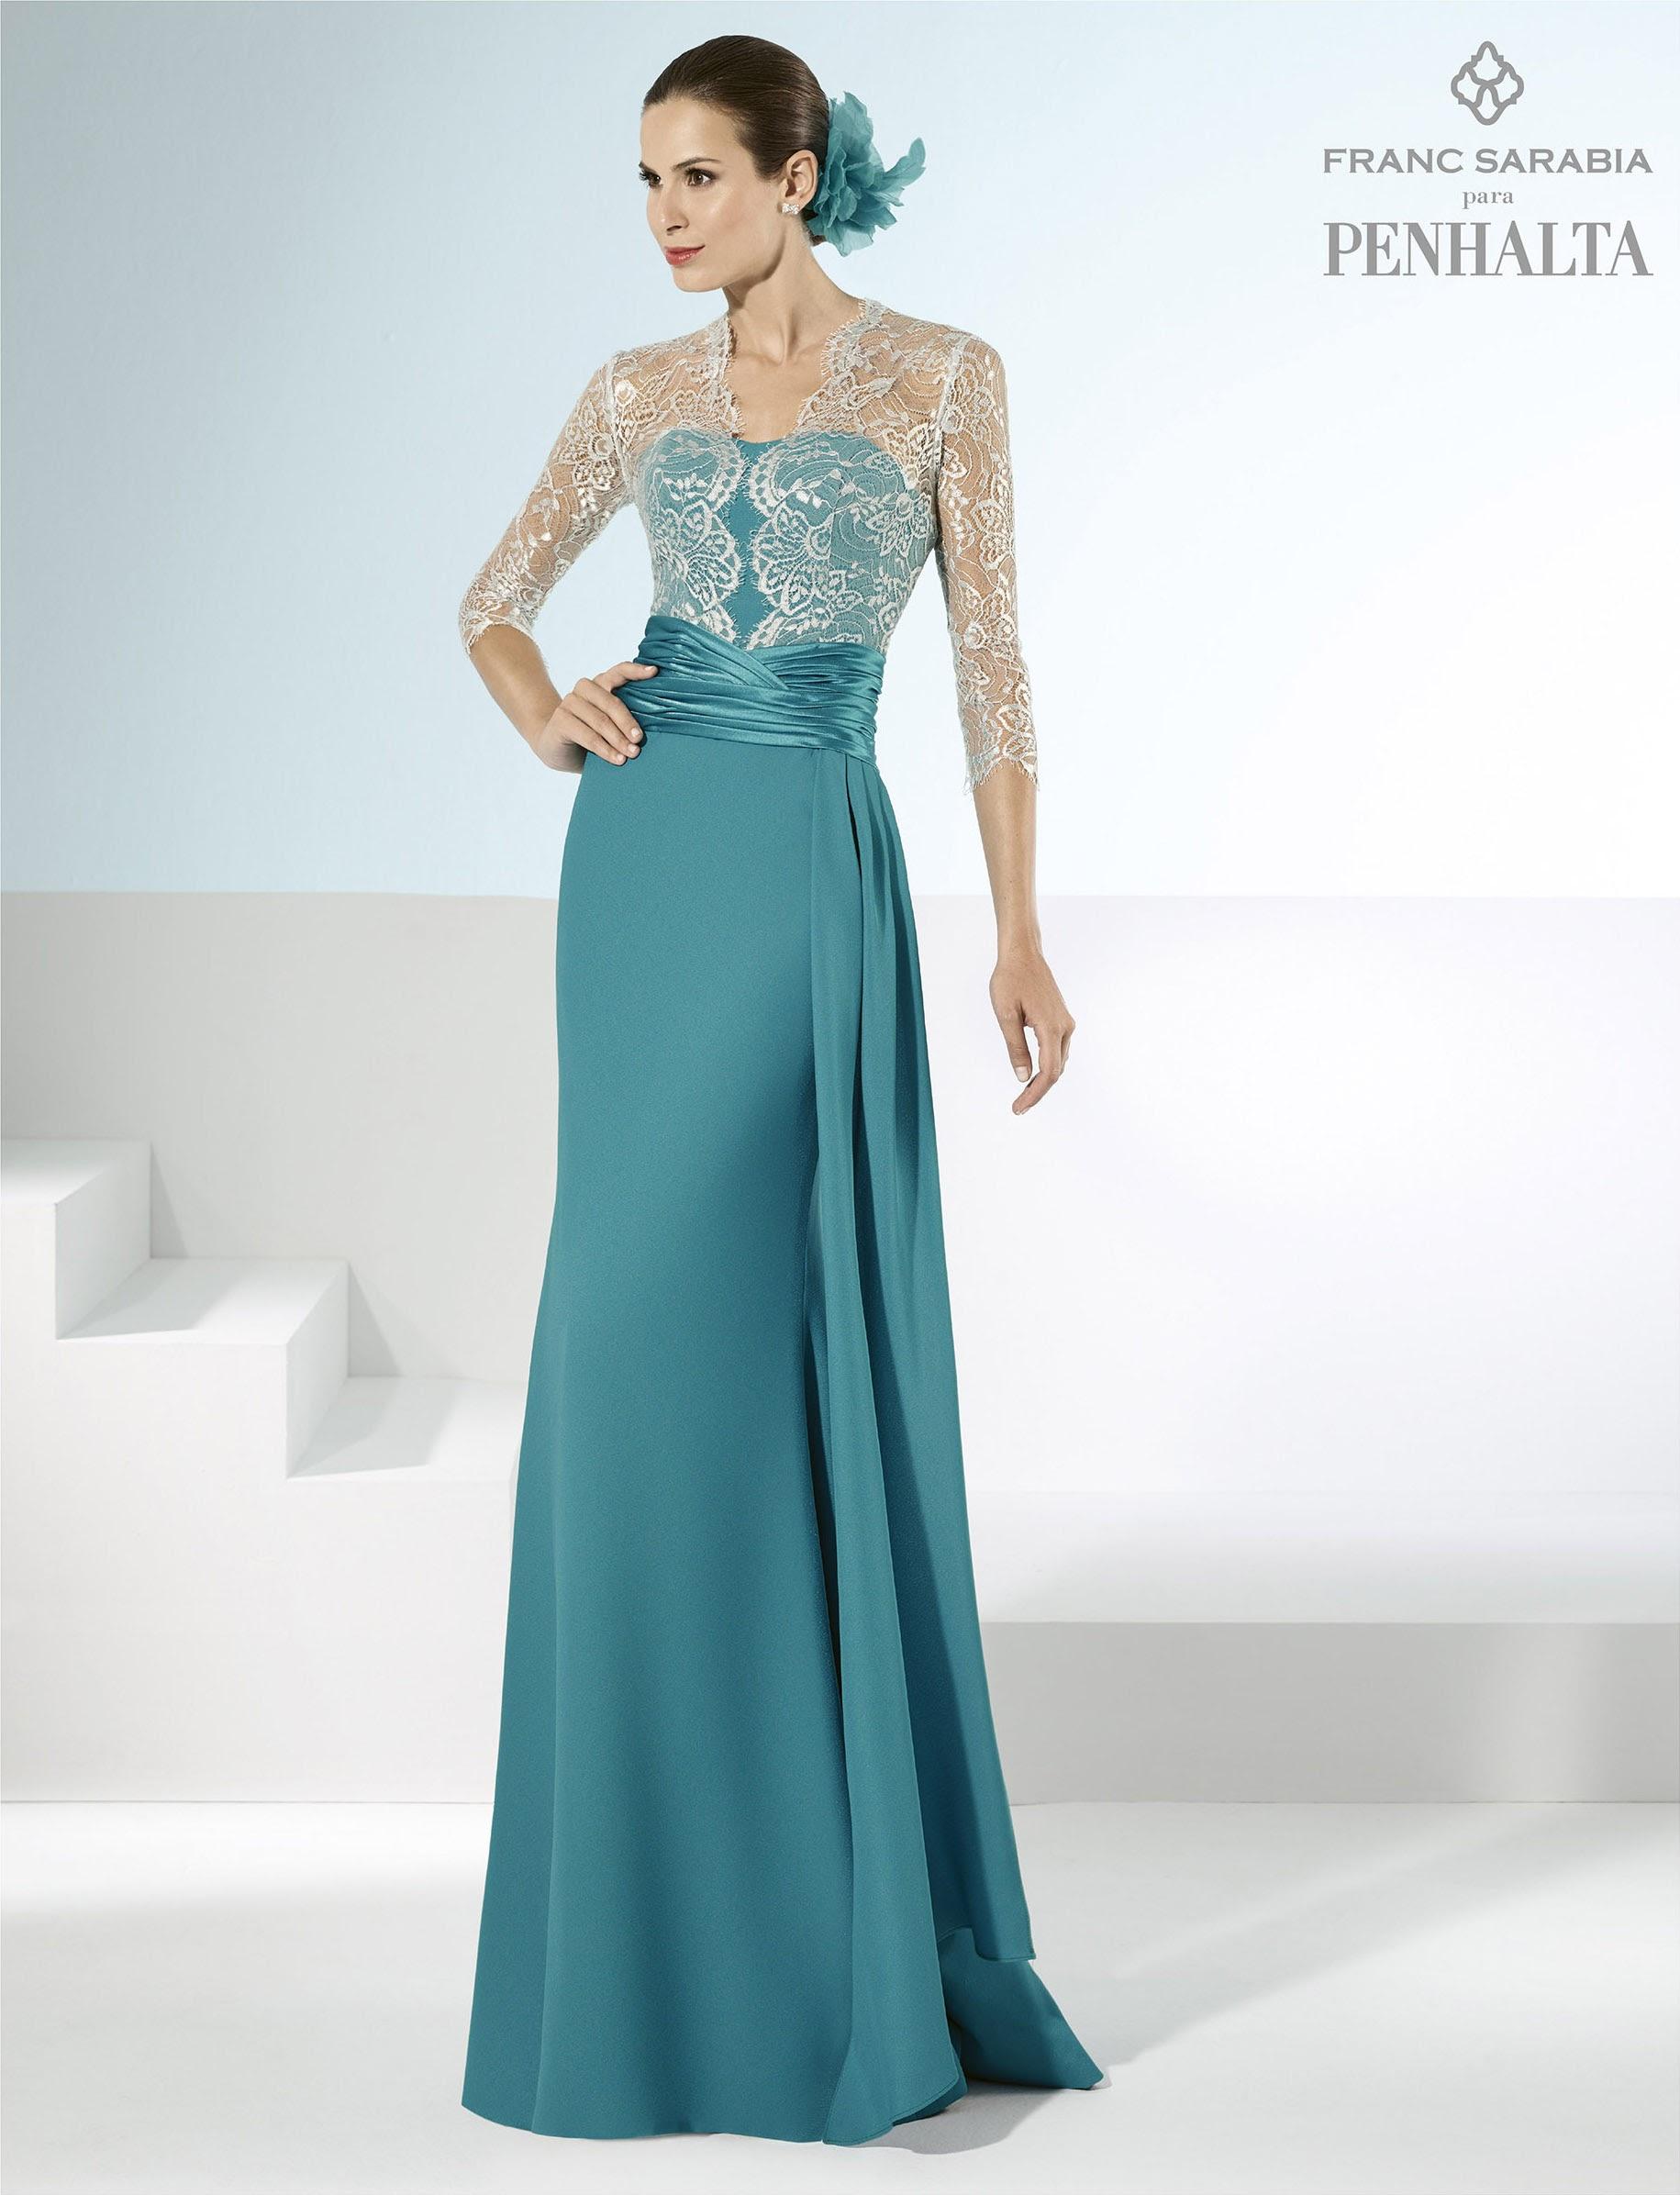 Vestido de novia TENAZ1 - penhalta